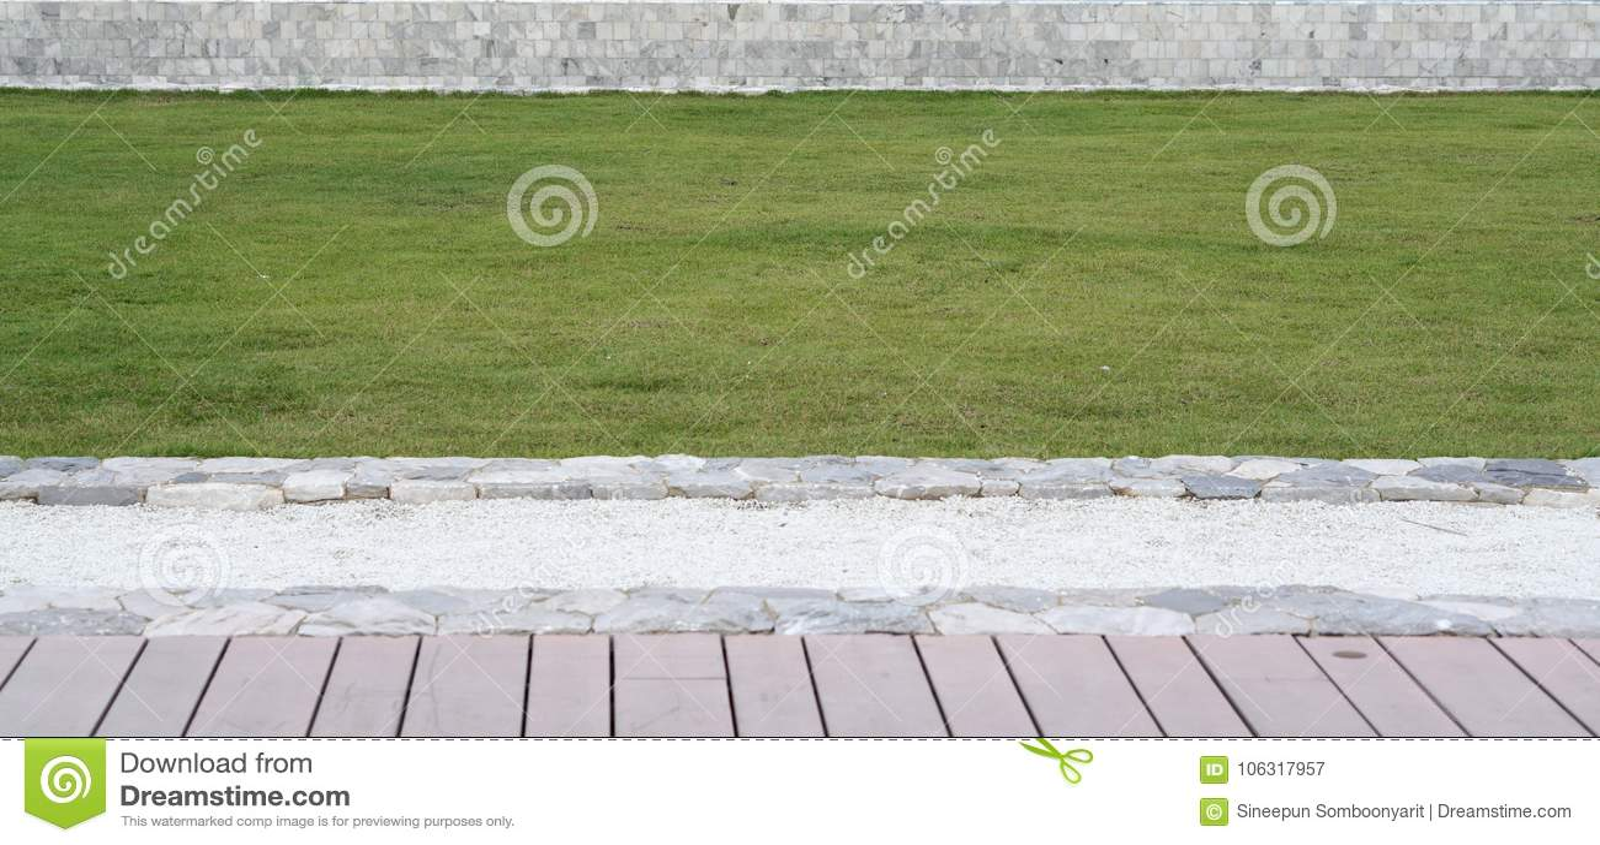 Elevación De La Terraza De La Madera Del Césped De La